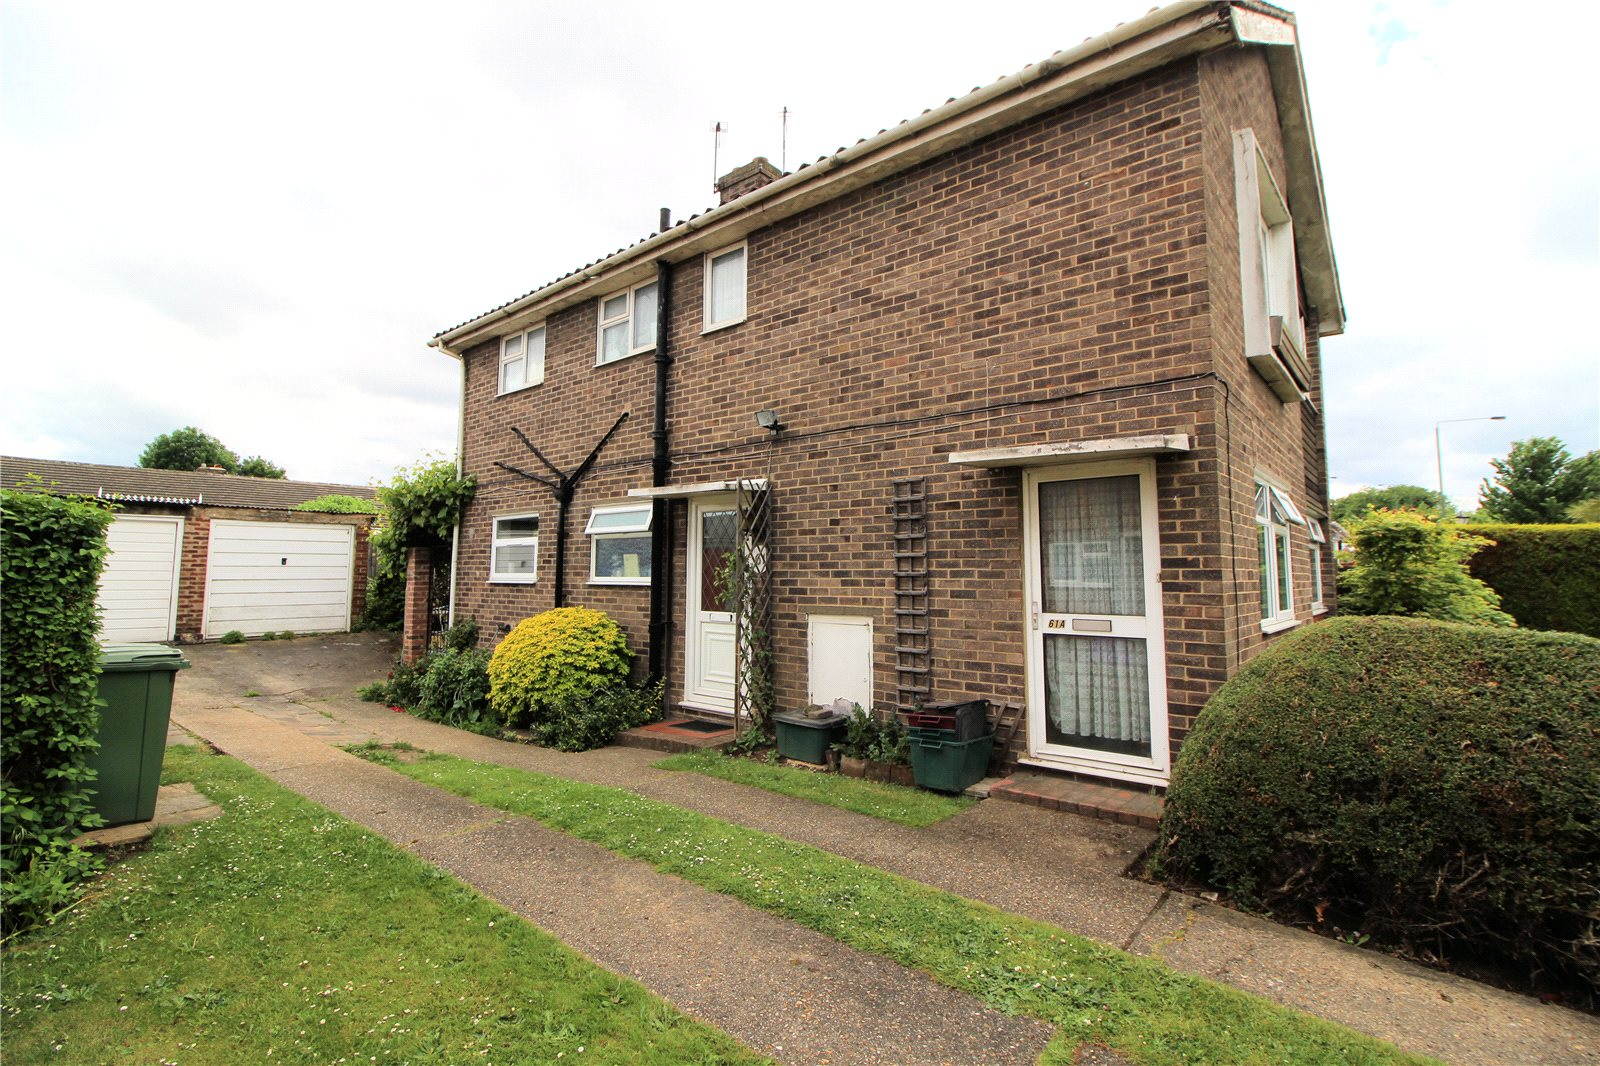 Bexley Road, Erith, Kent, DA8